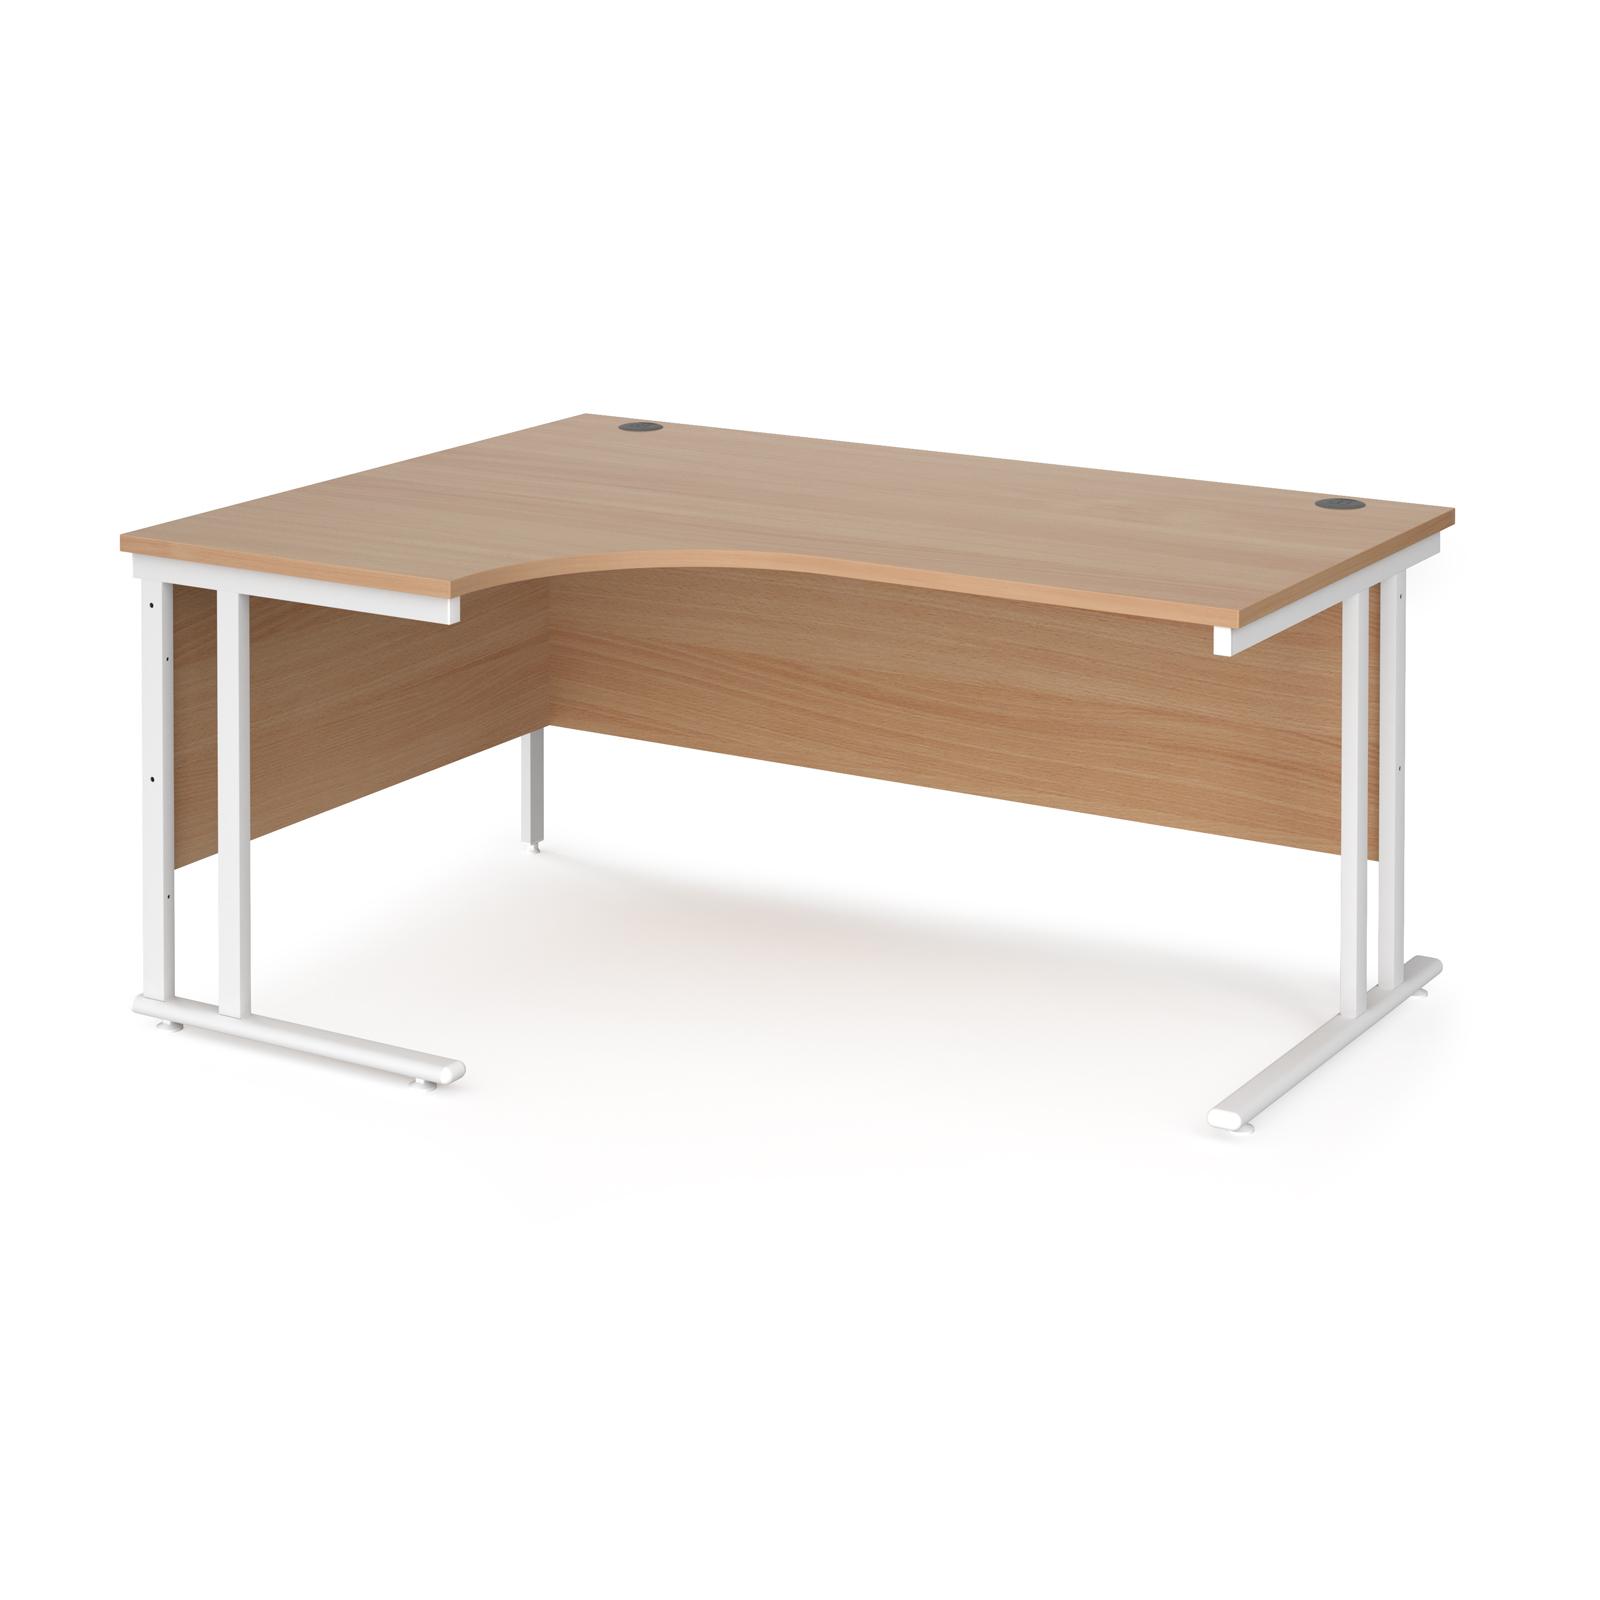 Maestro 25 left hand ergonomic desk 1600mm wide - white cantilever leg frame, beech top